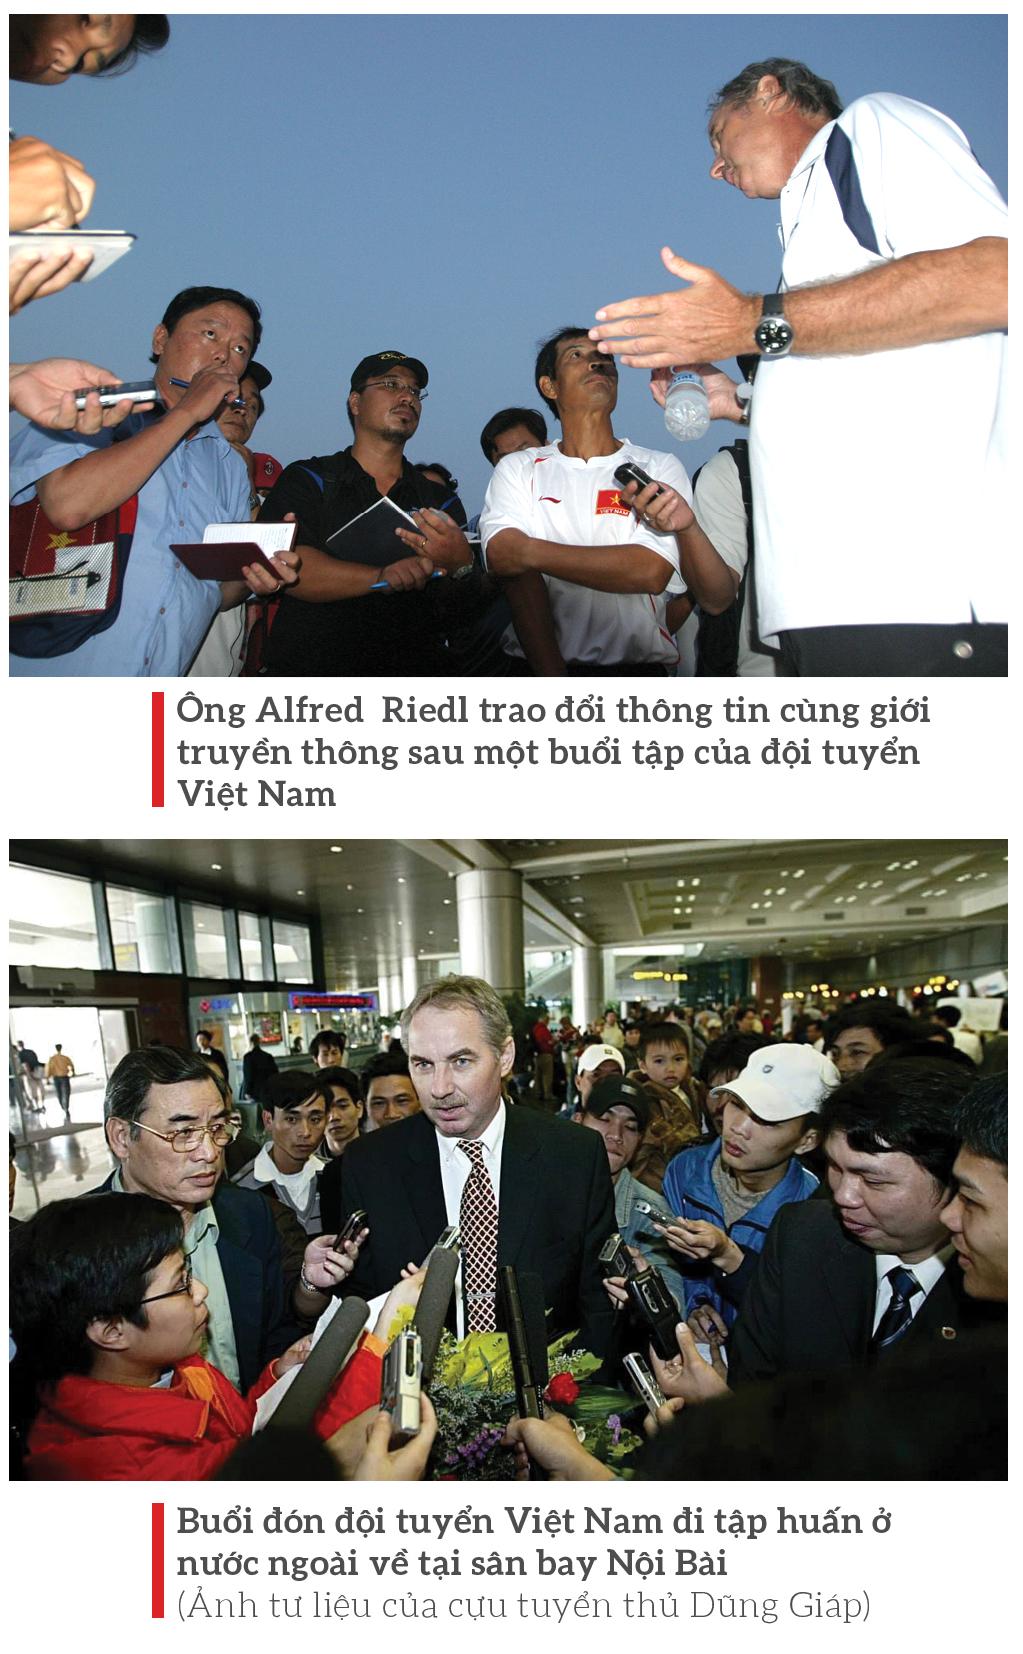 Hành trình 9 năm của ông Alfred Riedl với bóng đá Việt Nam ảnh 8